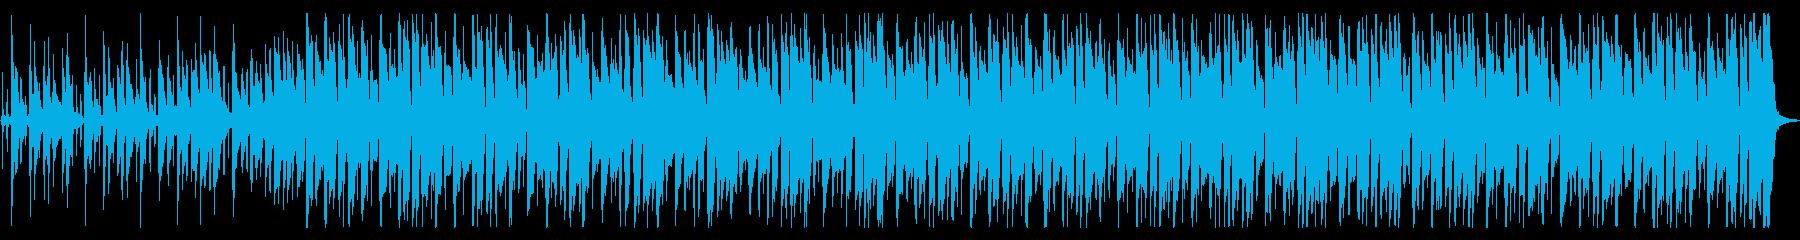 ウクレレと口笛・軽快なポジティブポップスの再生済みの波形